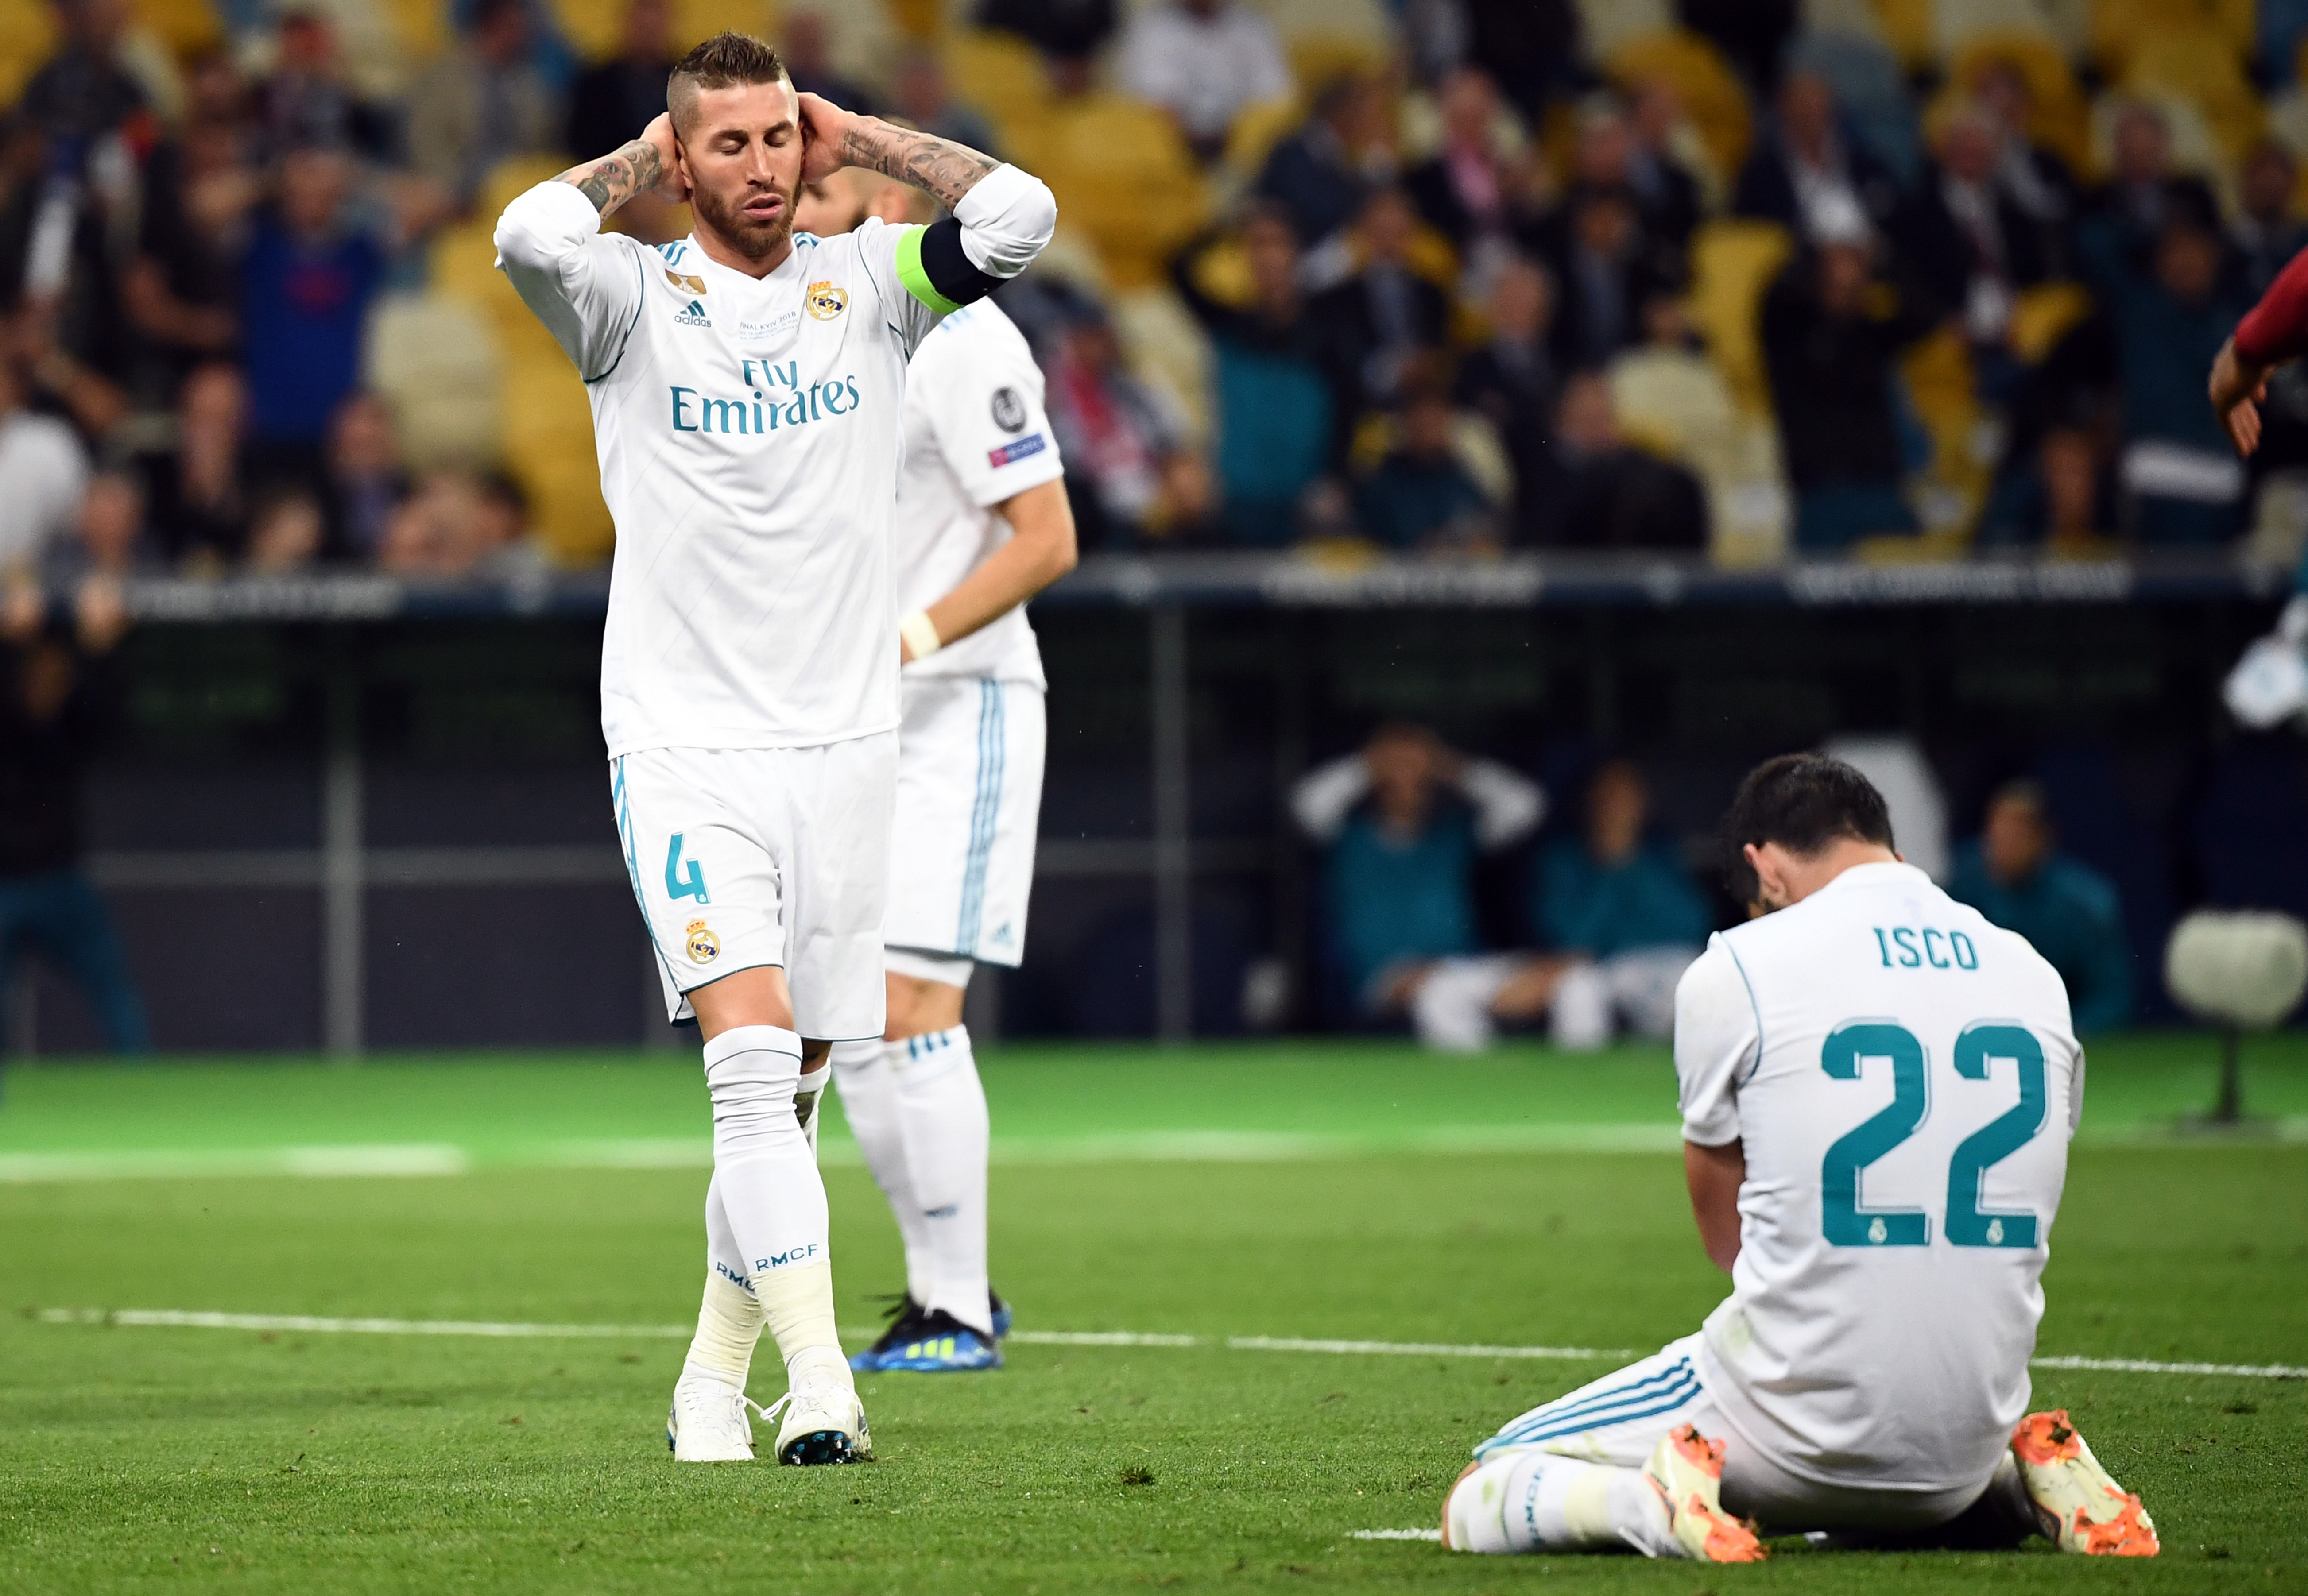 Ramos: Soha nem doppingoltam, aki nem hiszi, tehet egy szívességet